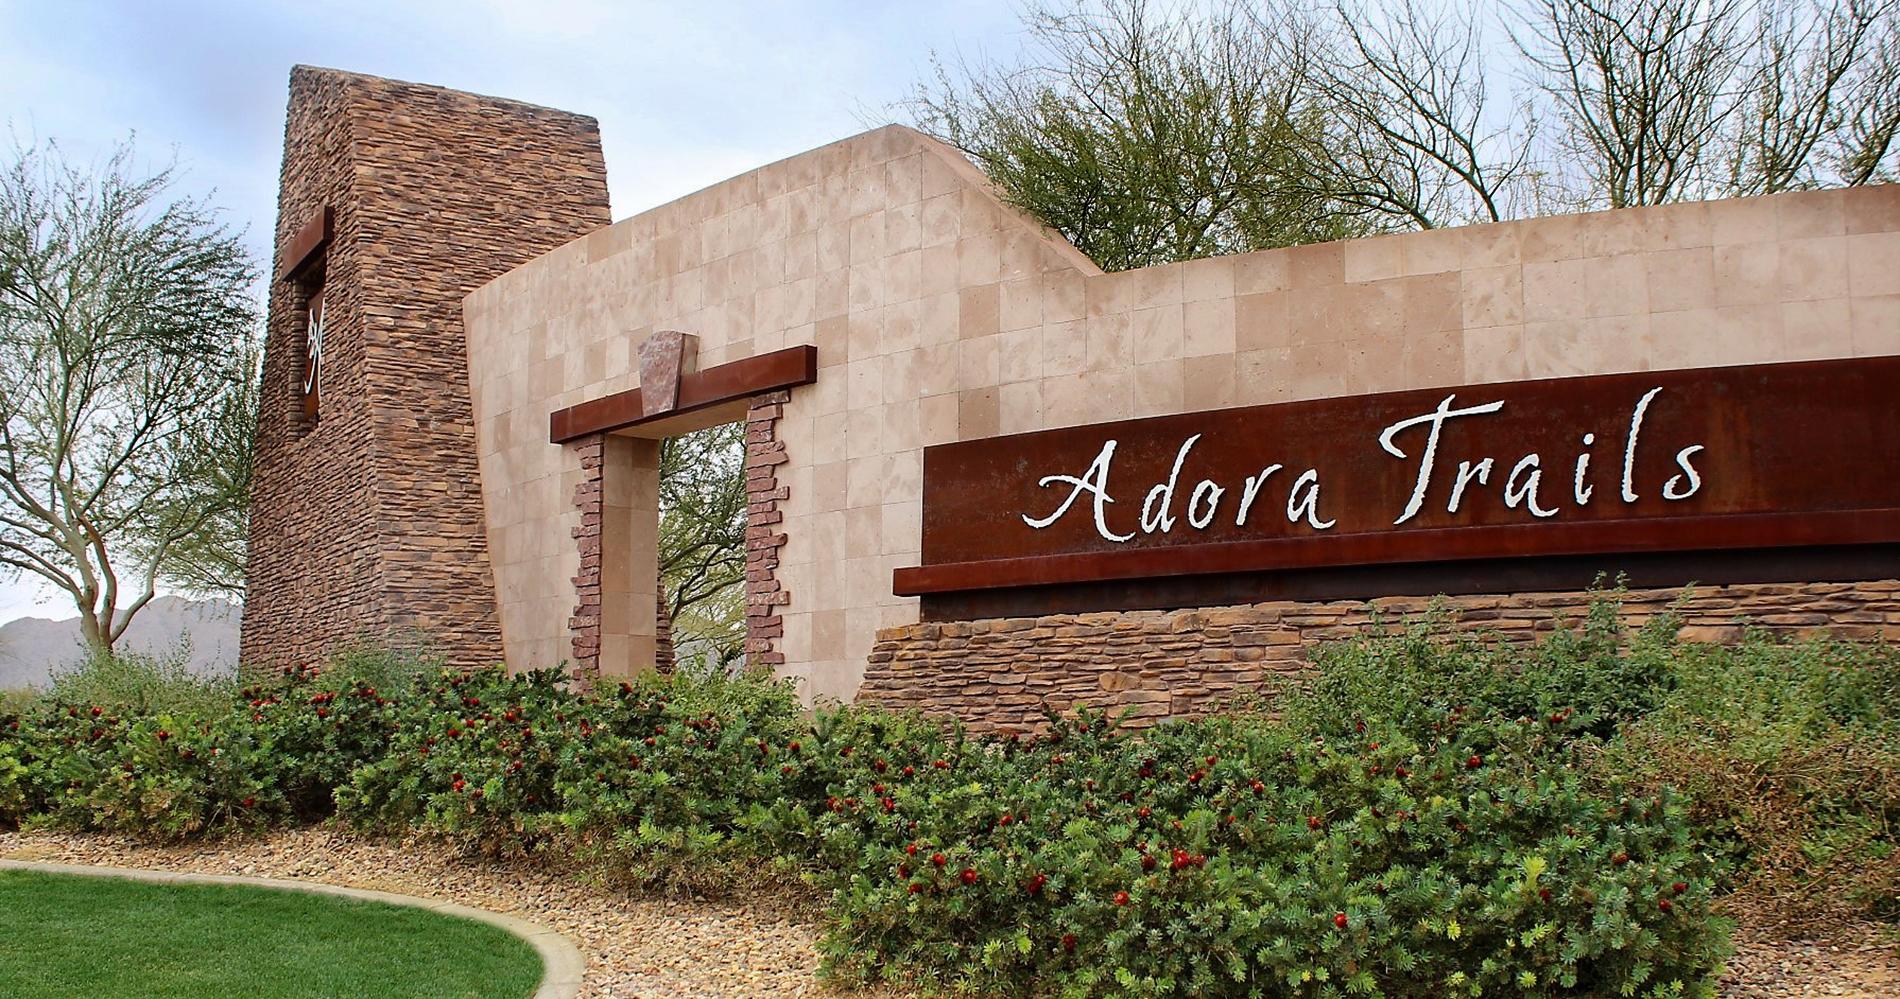 ADORA TRAILS